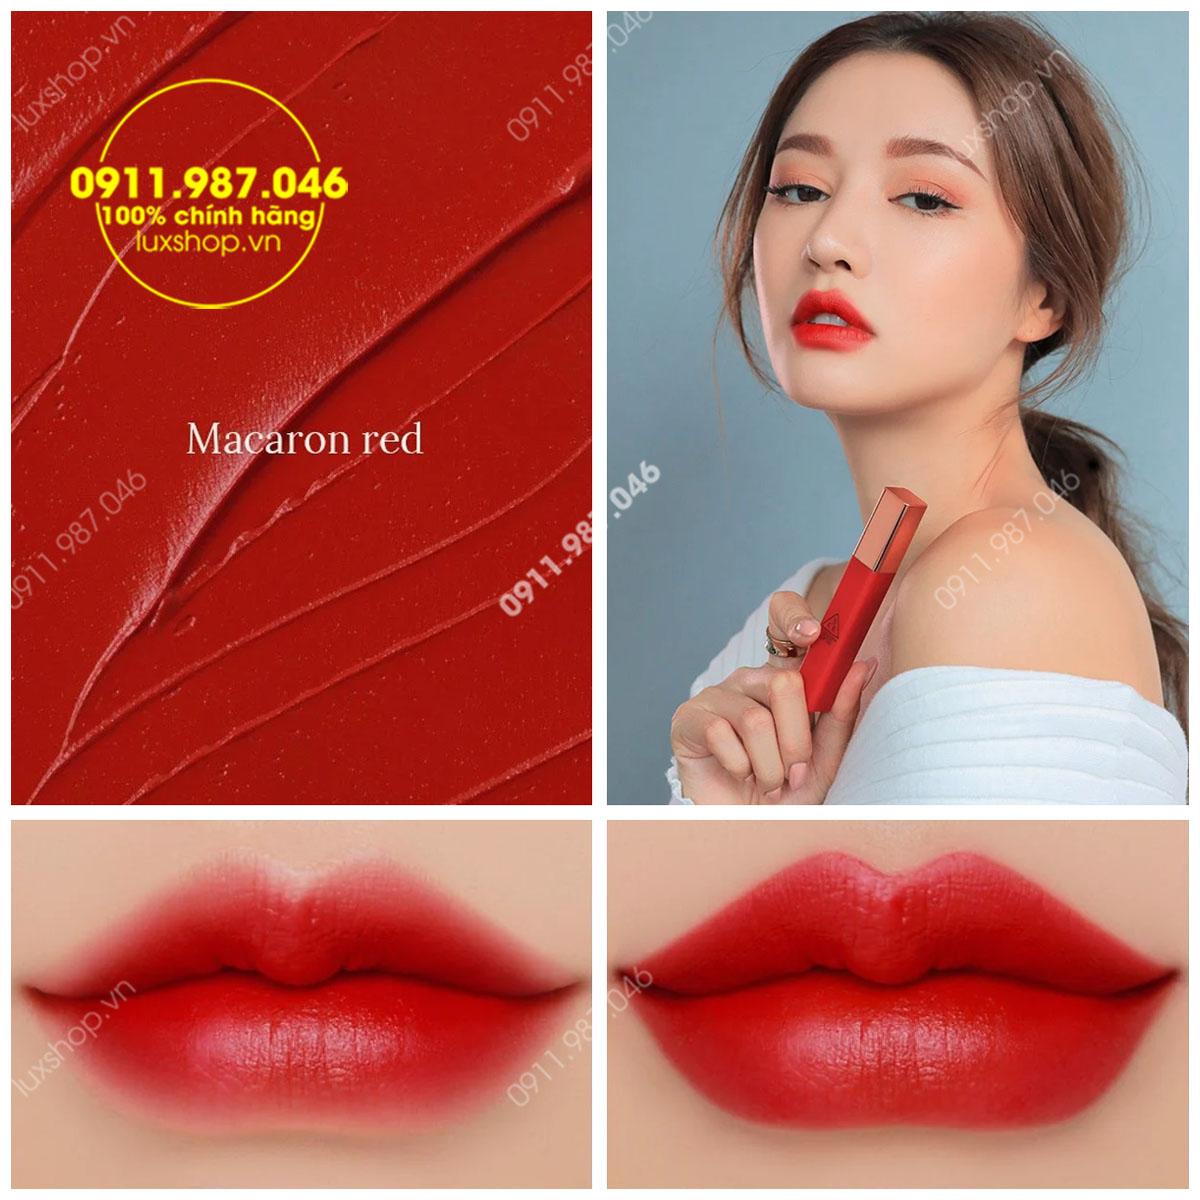 Son 3CE Kem Cloud Lip Tint Màu Macaron Red (Đỏ tươi)